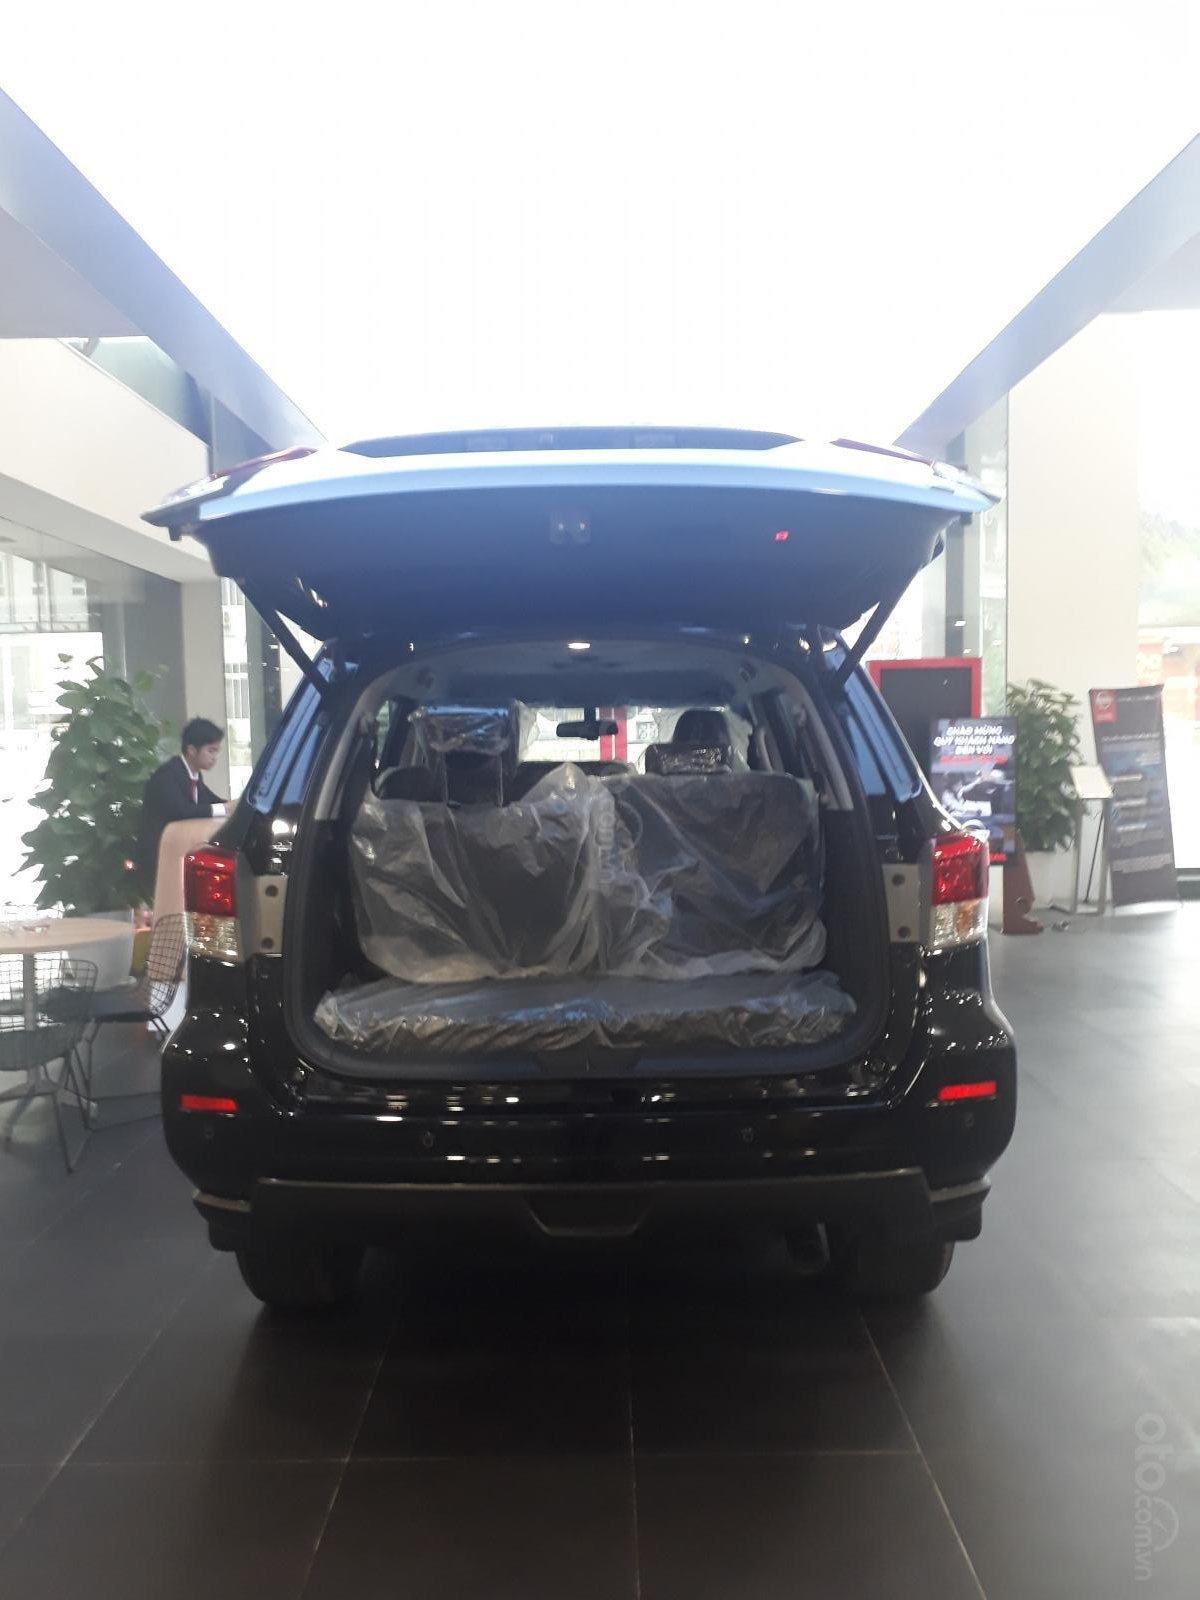 Bán xe Nissan Terra nhập khẩu nguyên chiếc, đầy đủ các phiên bán, S, E, V-2